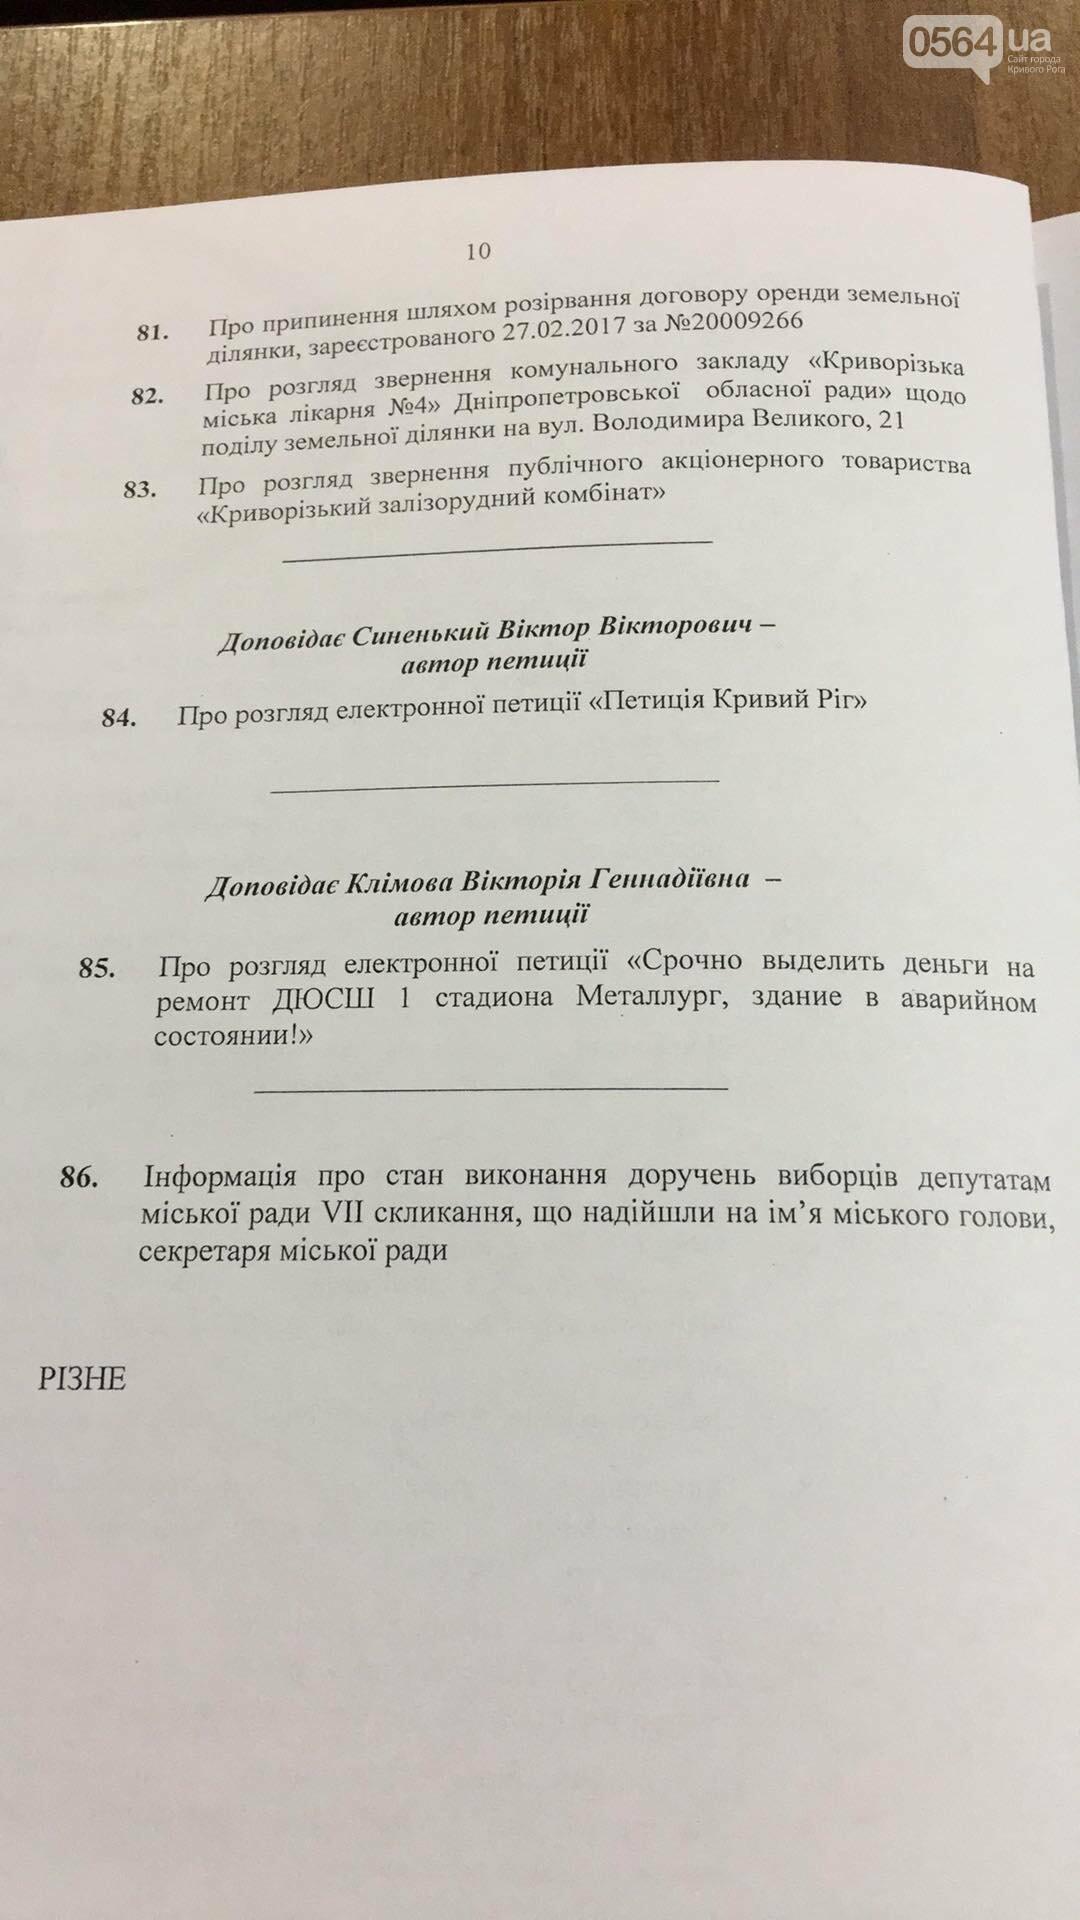 """""""Промэрское"""" большинство в Криворожском горсовете утвердило повестку дня сессии без предложений депутатов не из большинства (ФОТО), фото-2"""